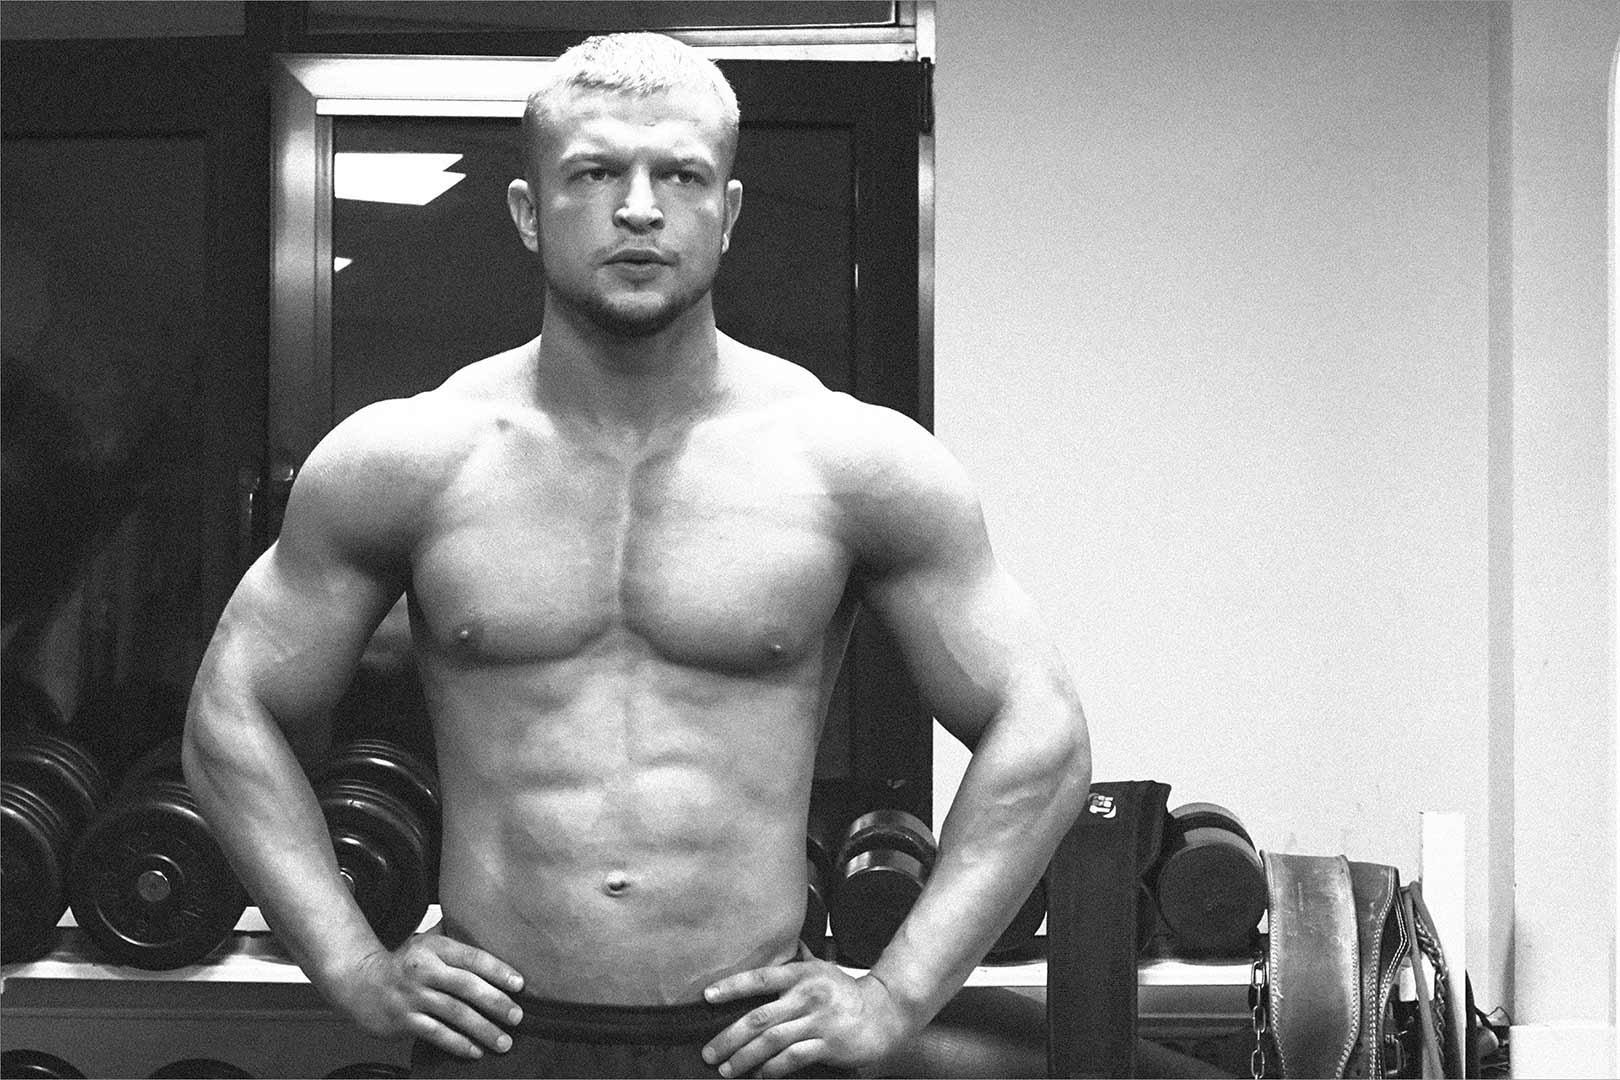 Александр Пульбере, персональный тренер по фитнесу и бодибилдингу в Фитнес-Люди на Профсоюзной.